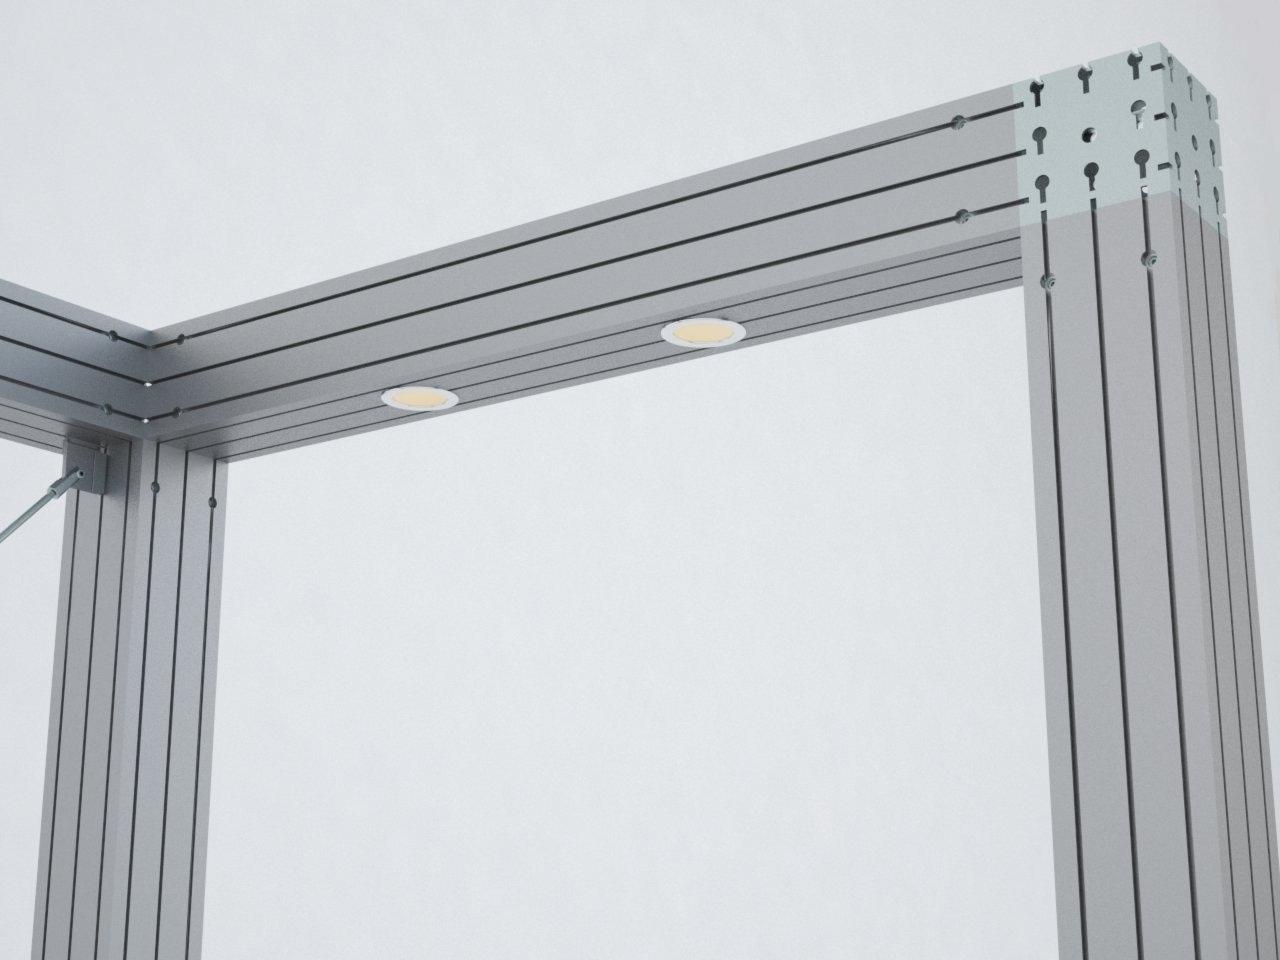 O M2160 é um perfil de alumínio que permite embutir a iluminação na estrutura de stands, lojas, showrooms e quiosques.